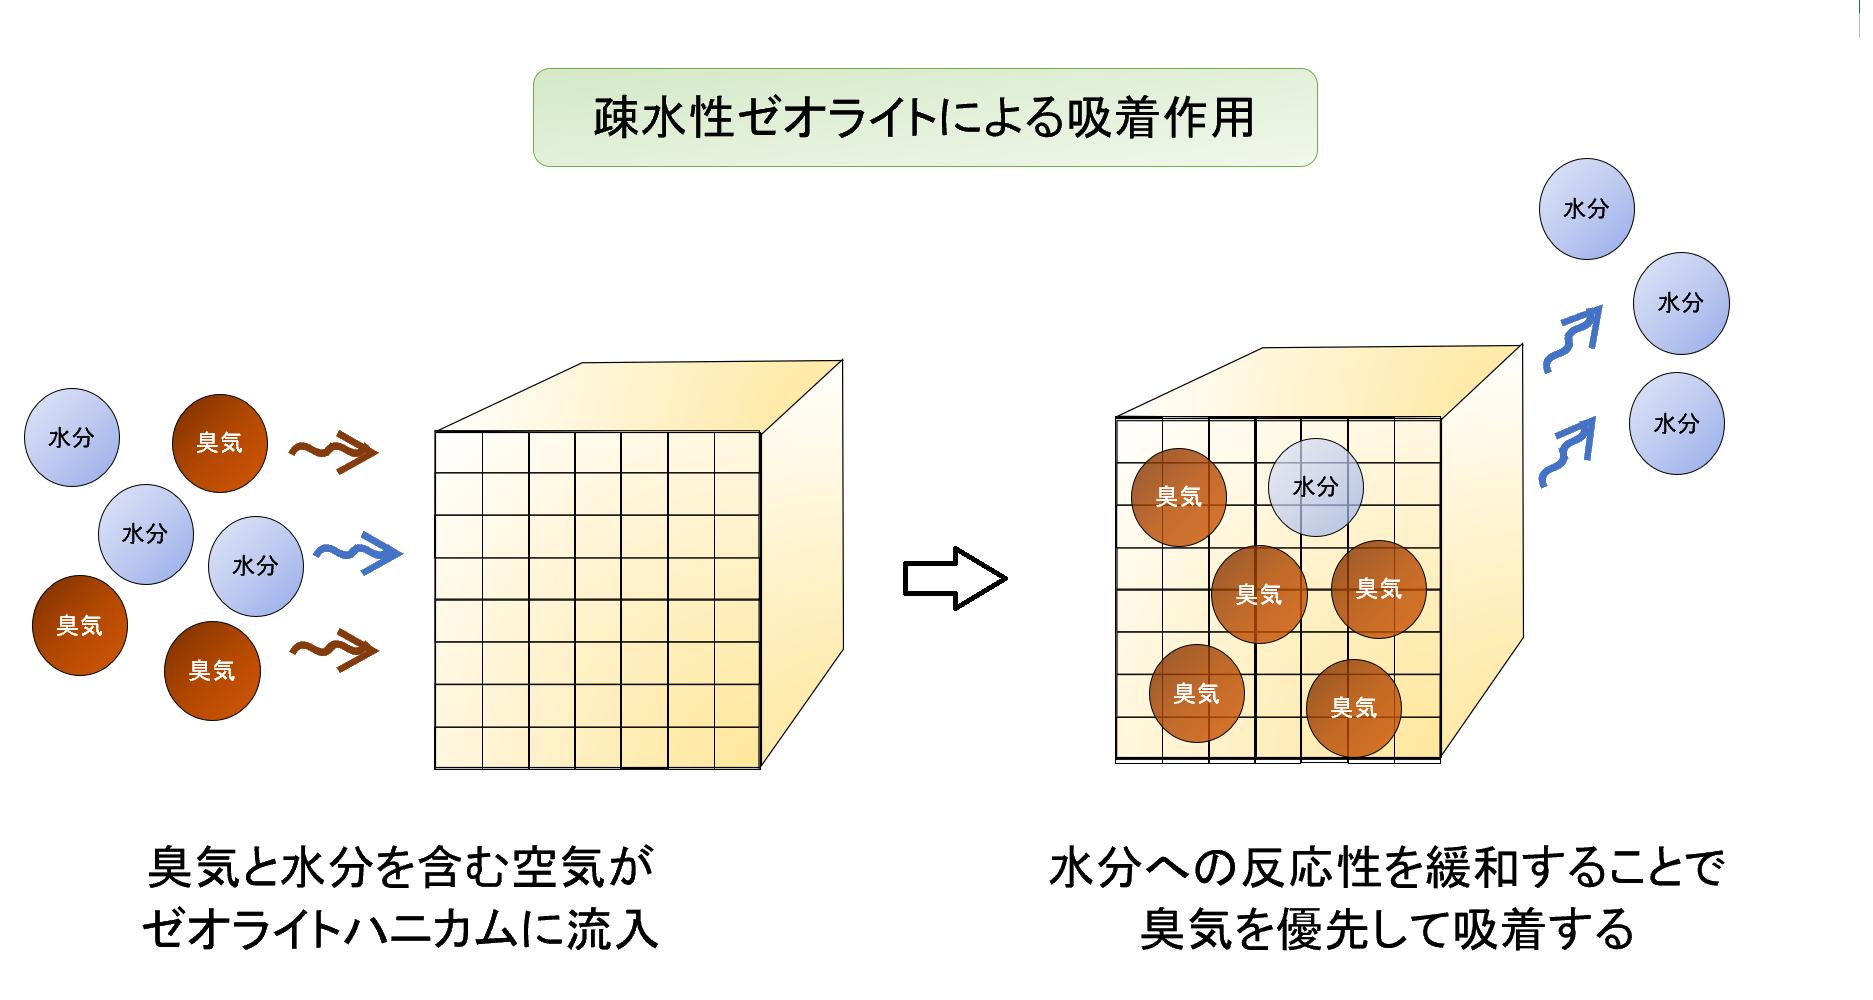 ゼオライトハニカムの動作原理イメージ(2)